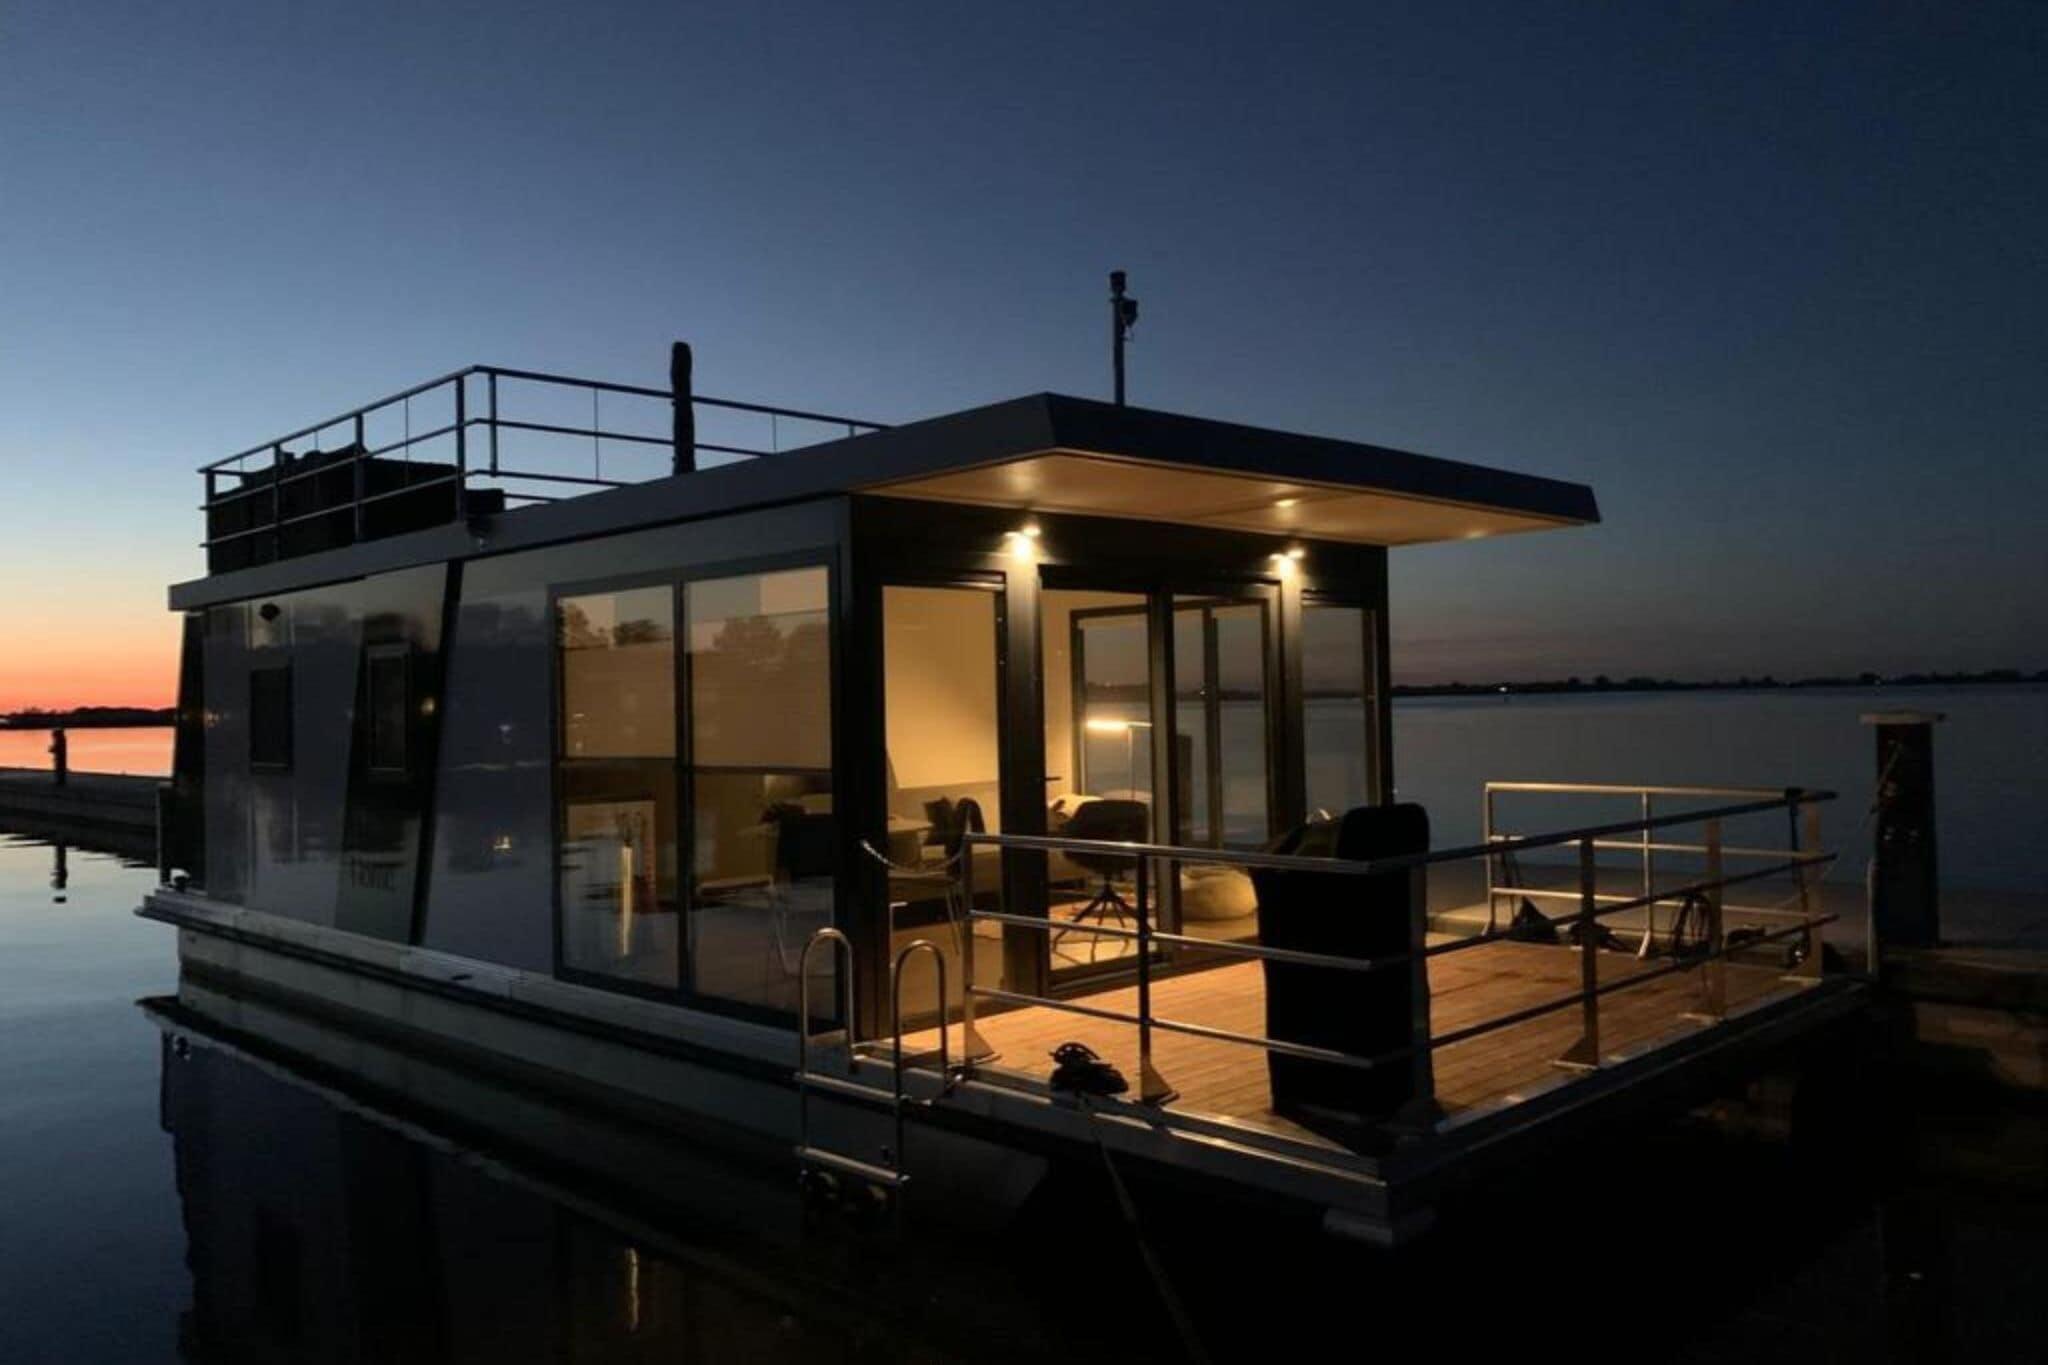 Houseboat - Paviljoenwei - Offingawier